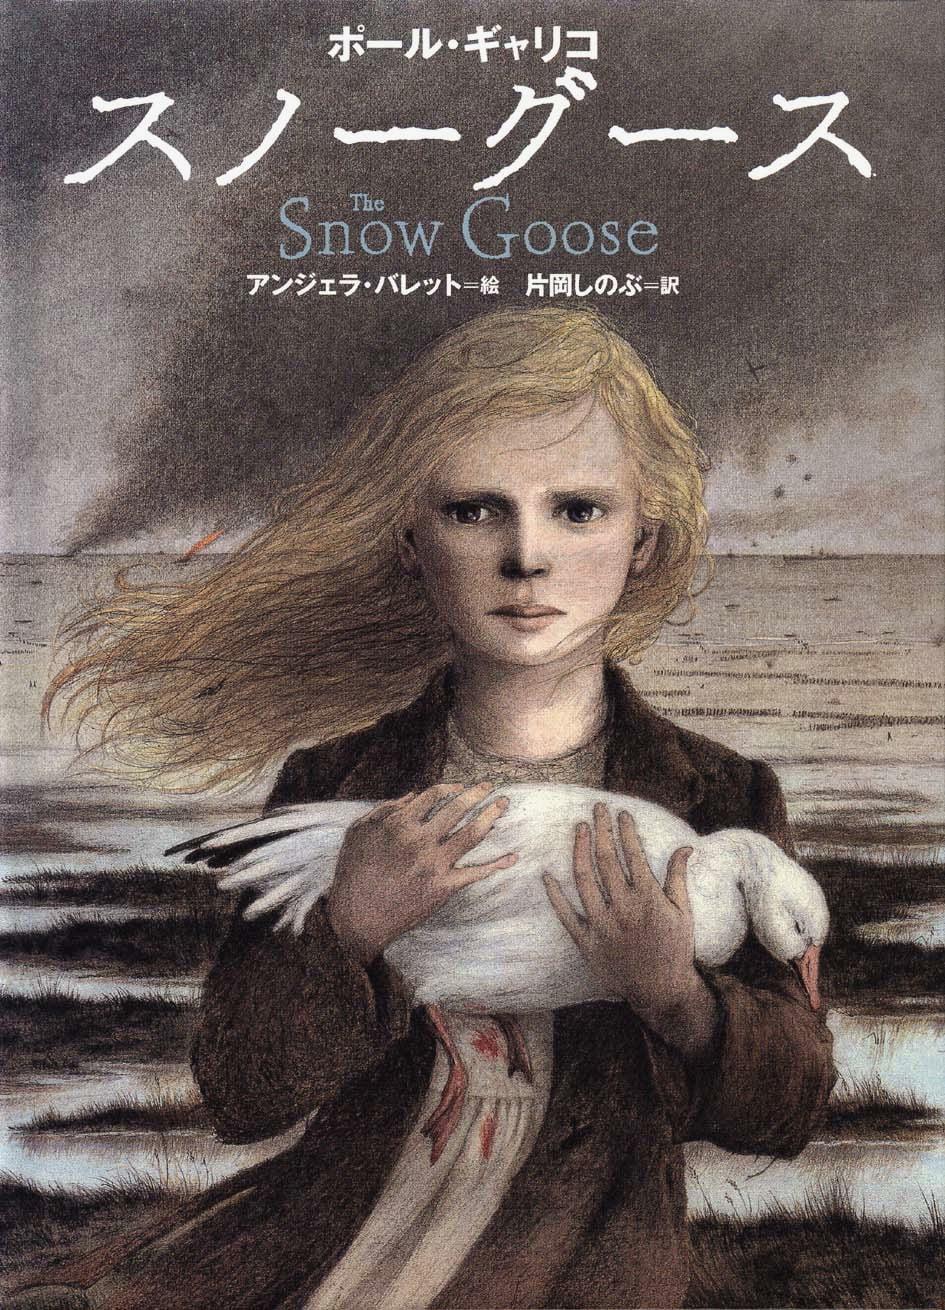 絵本「スノーグース」の表紙